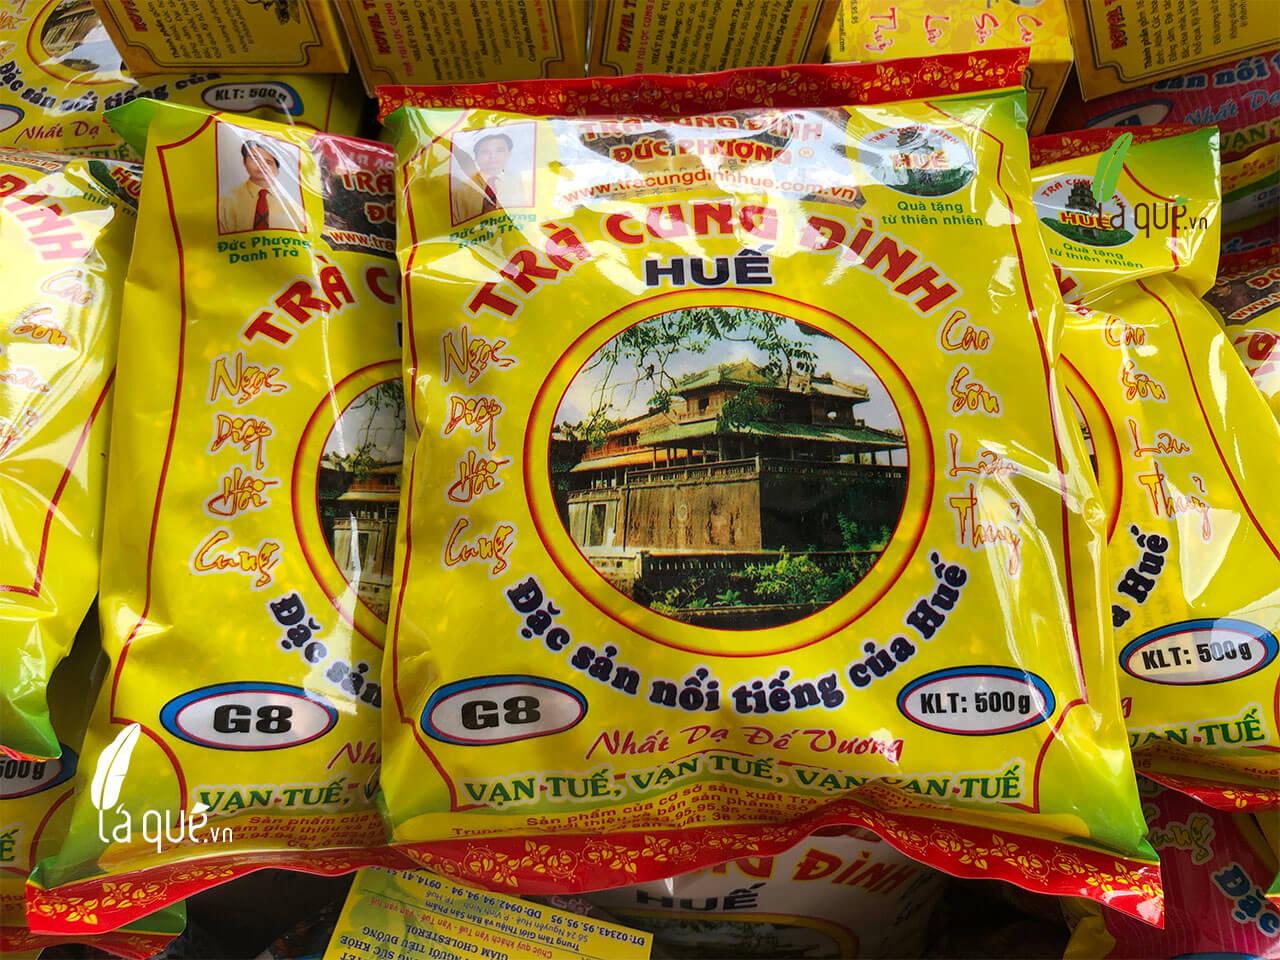 trà thảo mộc cung đình Huế, trà cung đình Huế, trà cung đình, trà cung đình Huế đức phượng